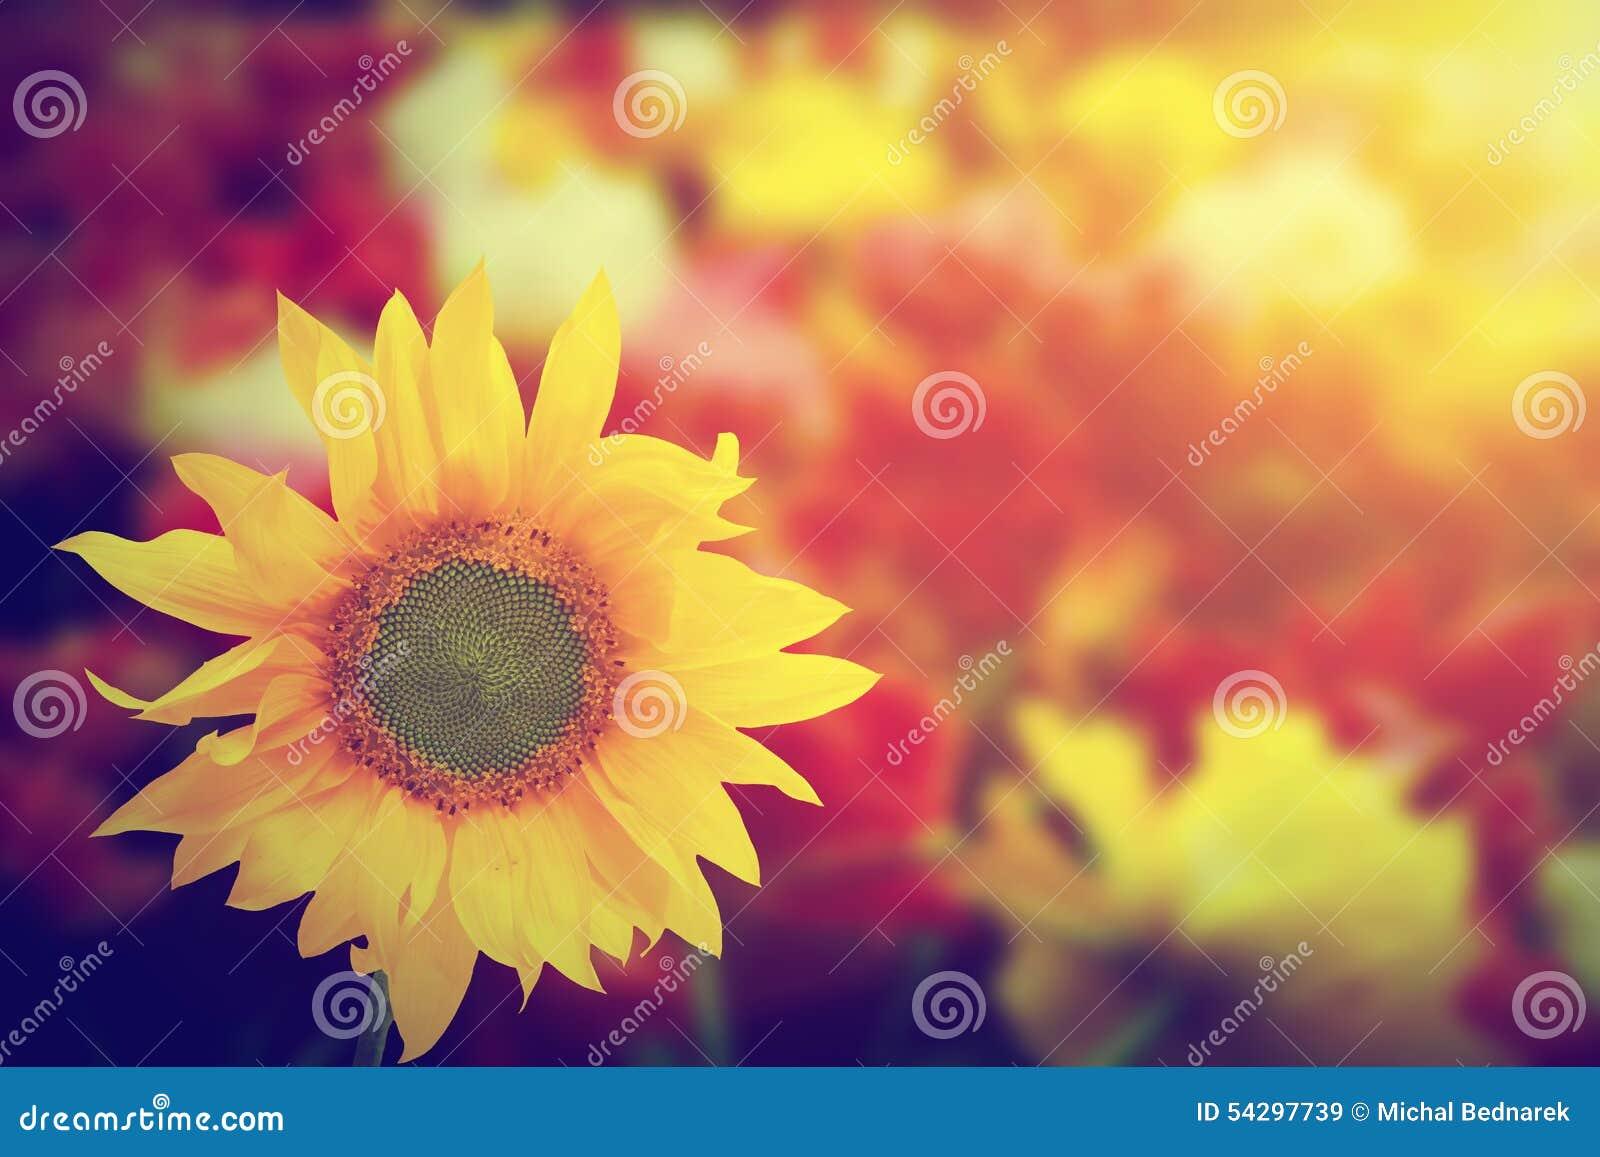 Sonnenblume unter anderem Frühlingssommer blüht am Sonnenschein